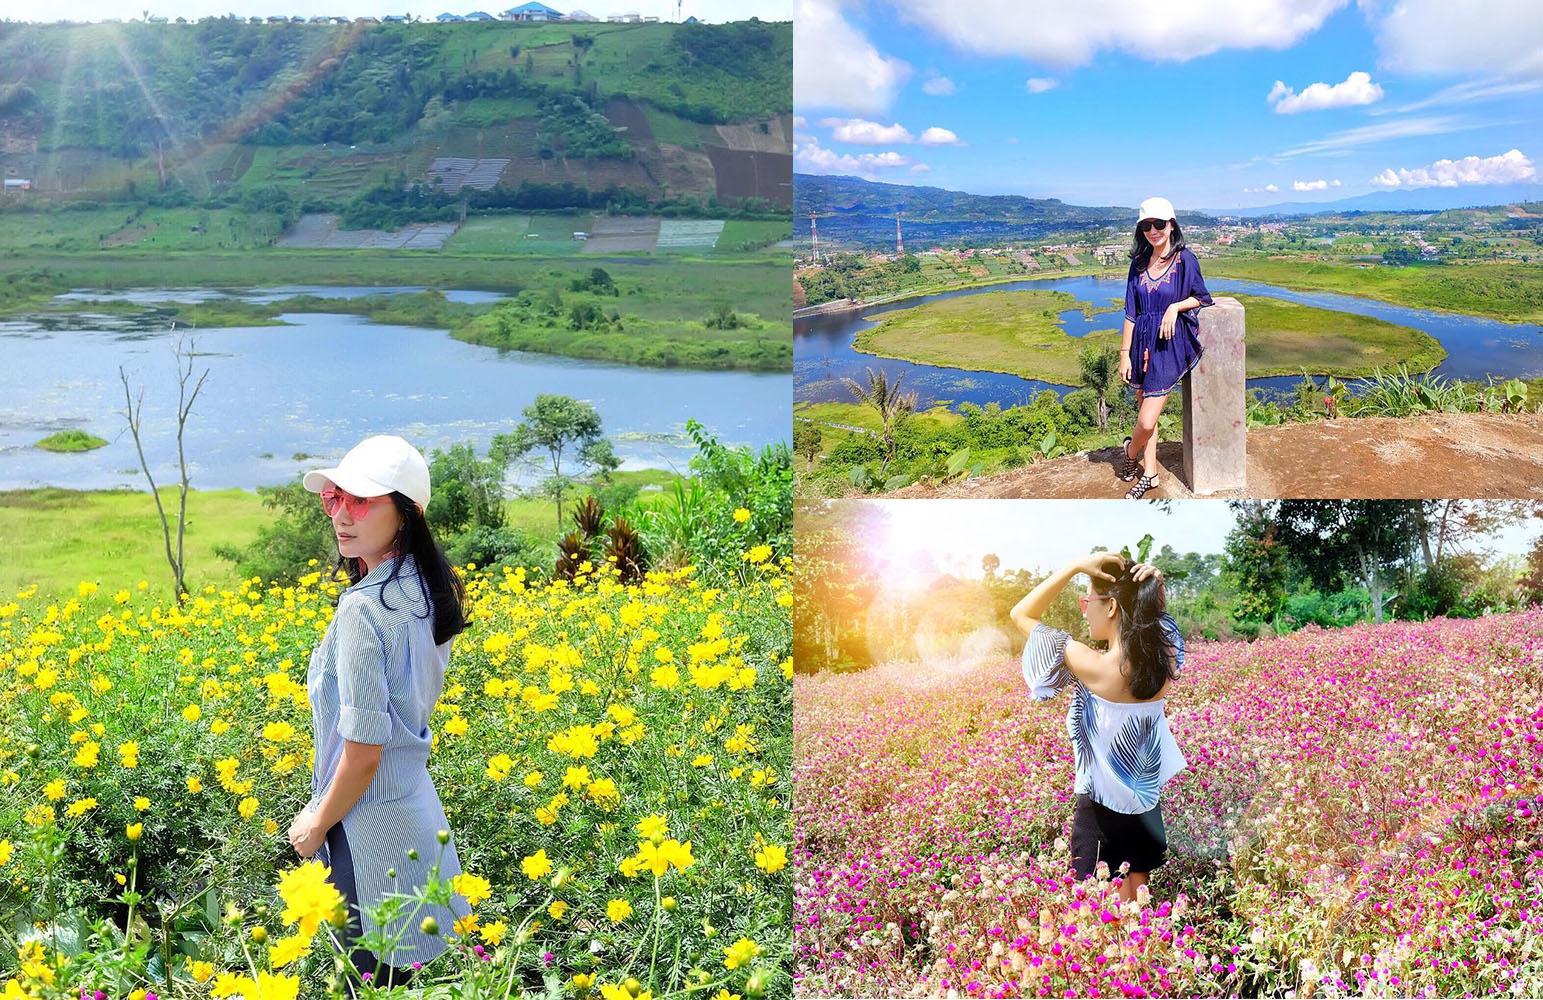 Wisata Danau Mas Bastari Bengkulu